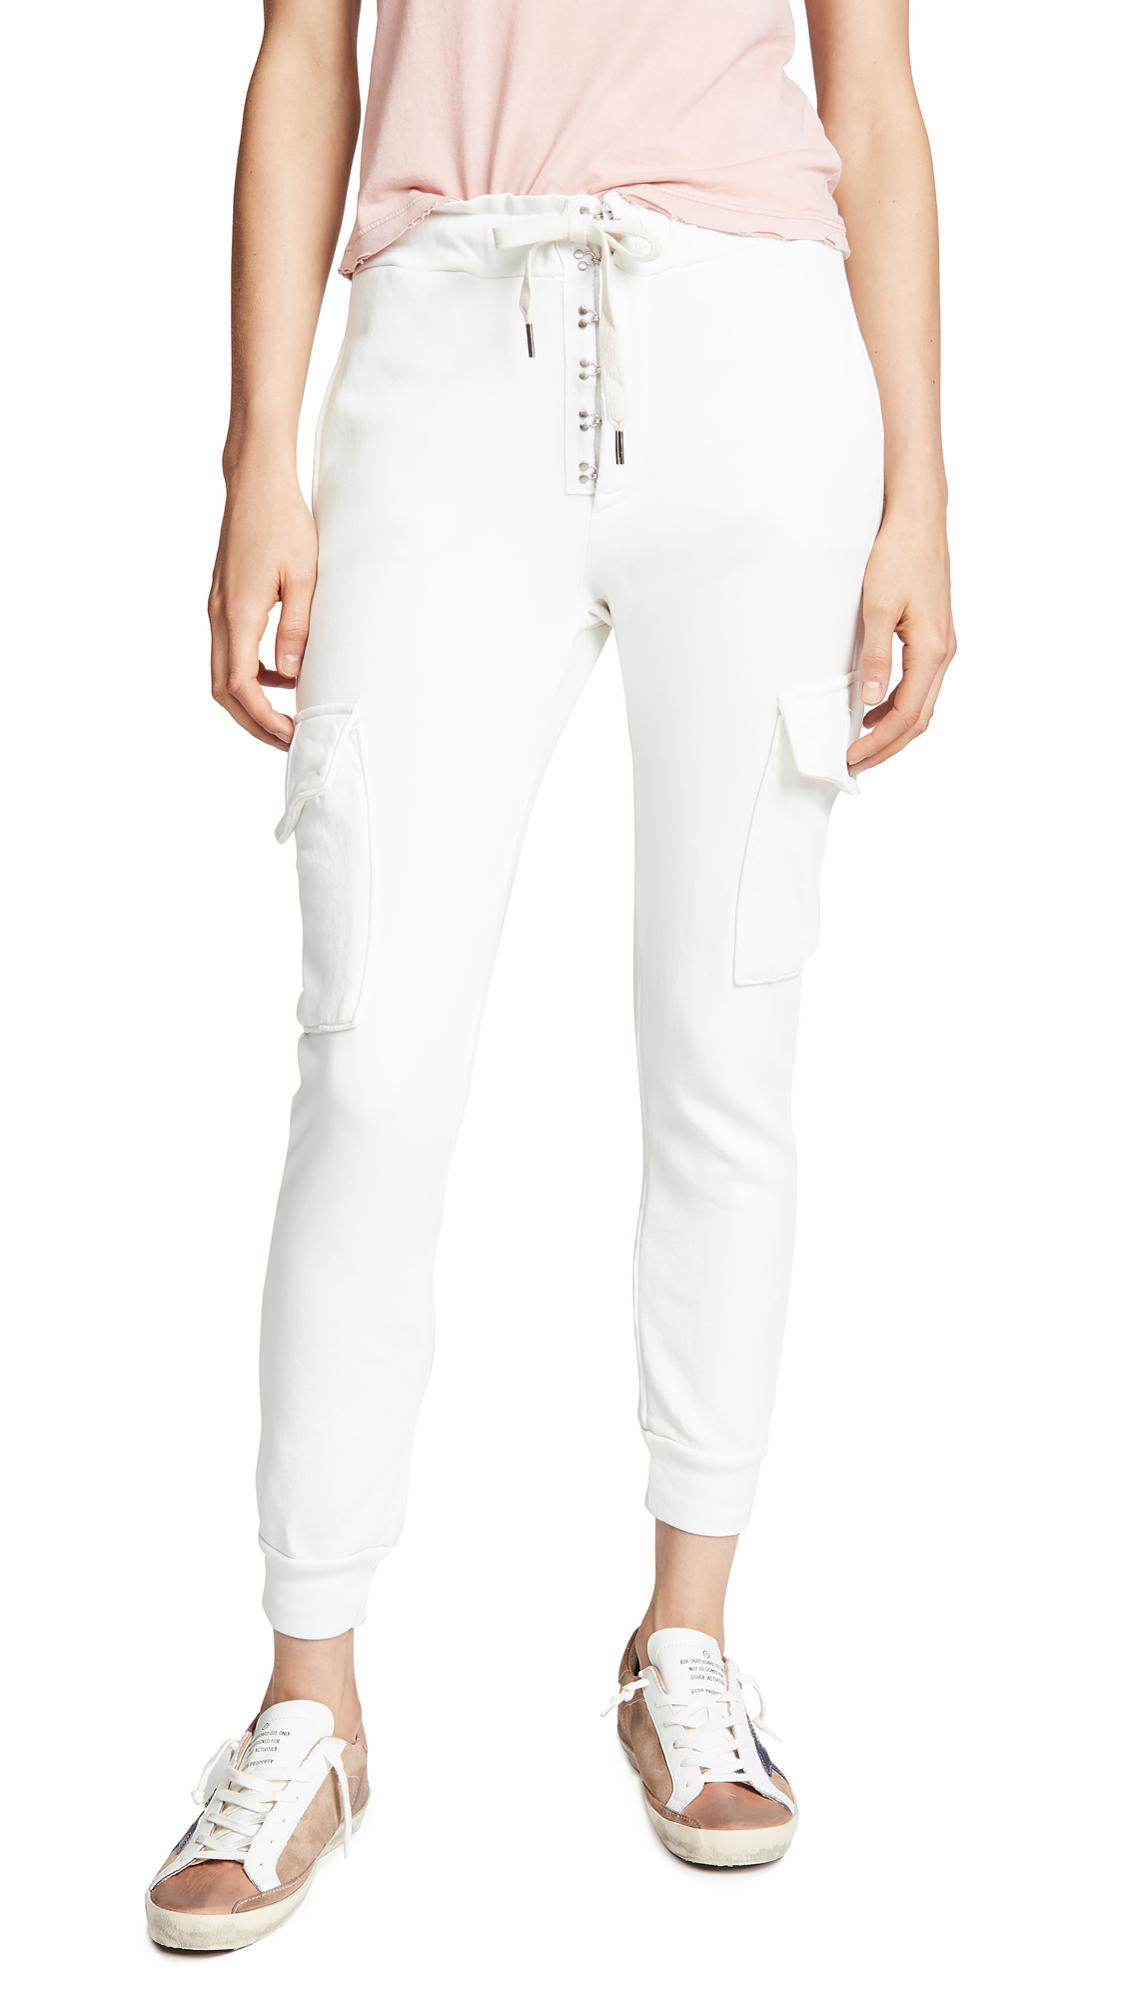 NSF Minji Sweatpants In Soft White